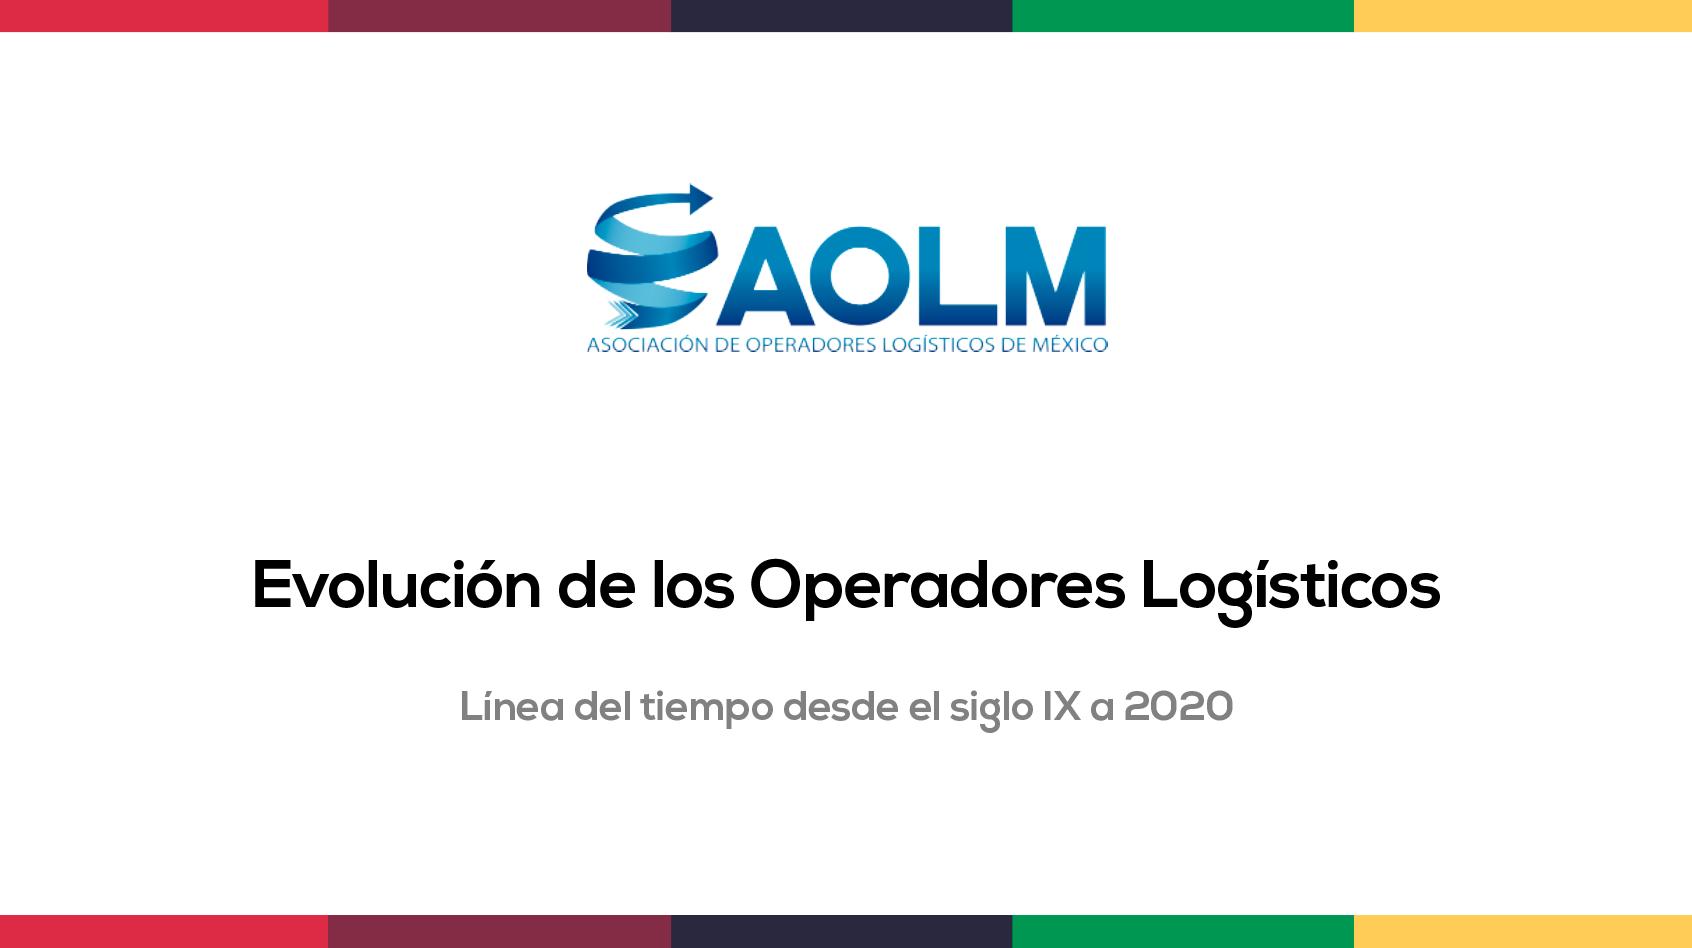 Línea del tiempo de los Operadores logísticos